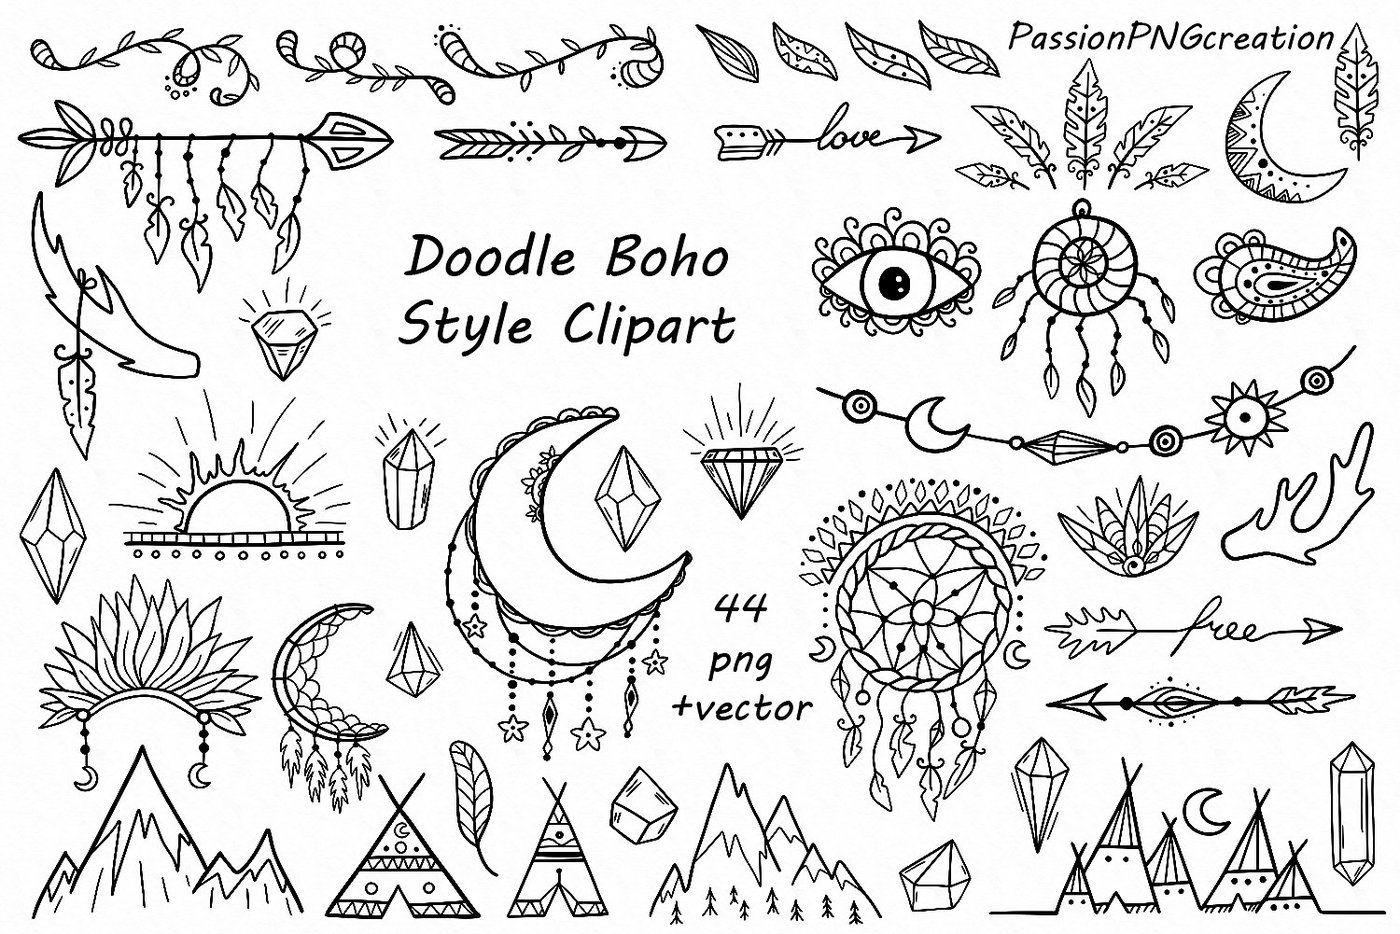 Boho clipart boho style. Doodle by passionpngcreation